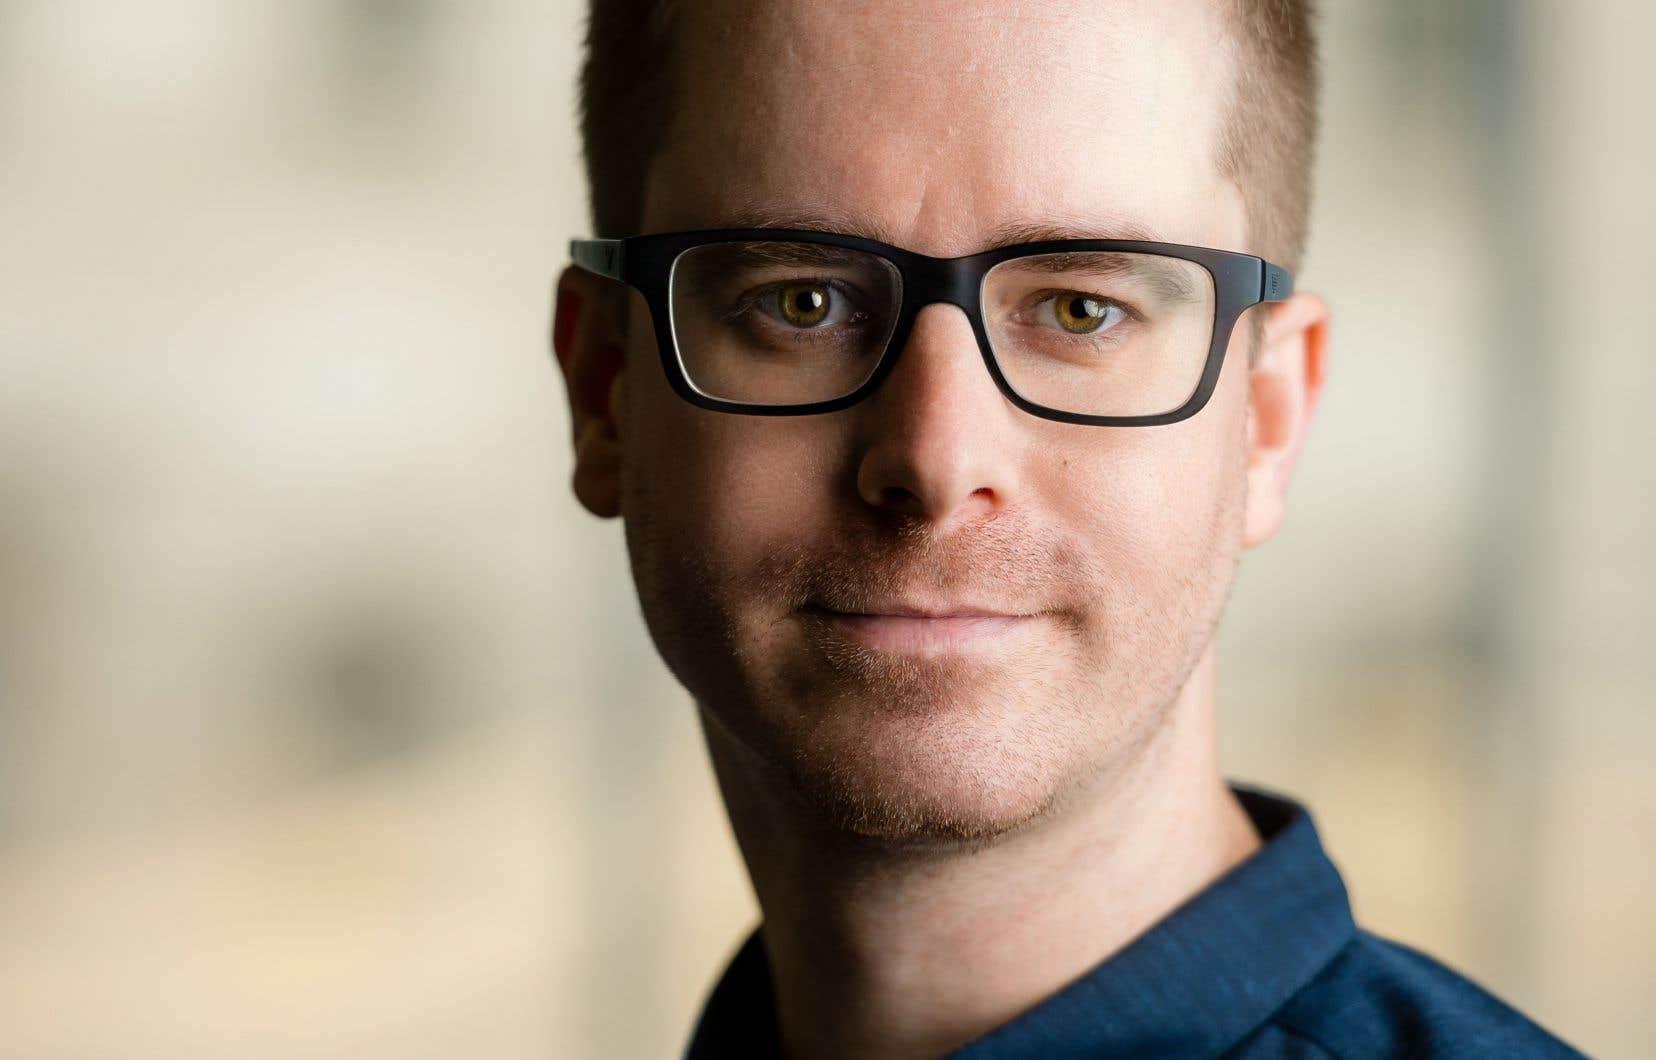 L'essayiste Nick Srnicek souligne combien la monopolisation des données fait prospérer Google et Facebook.